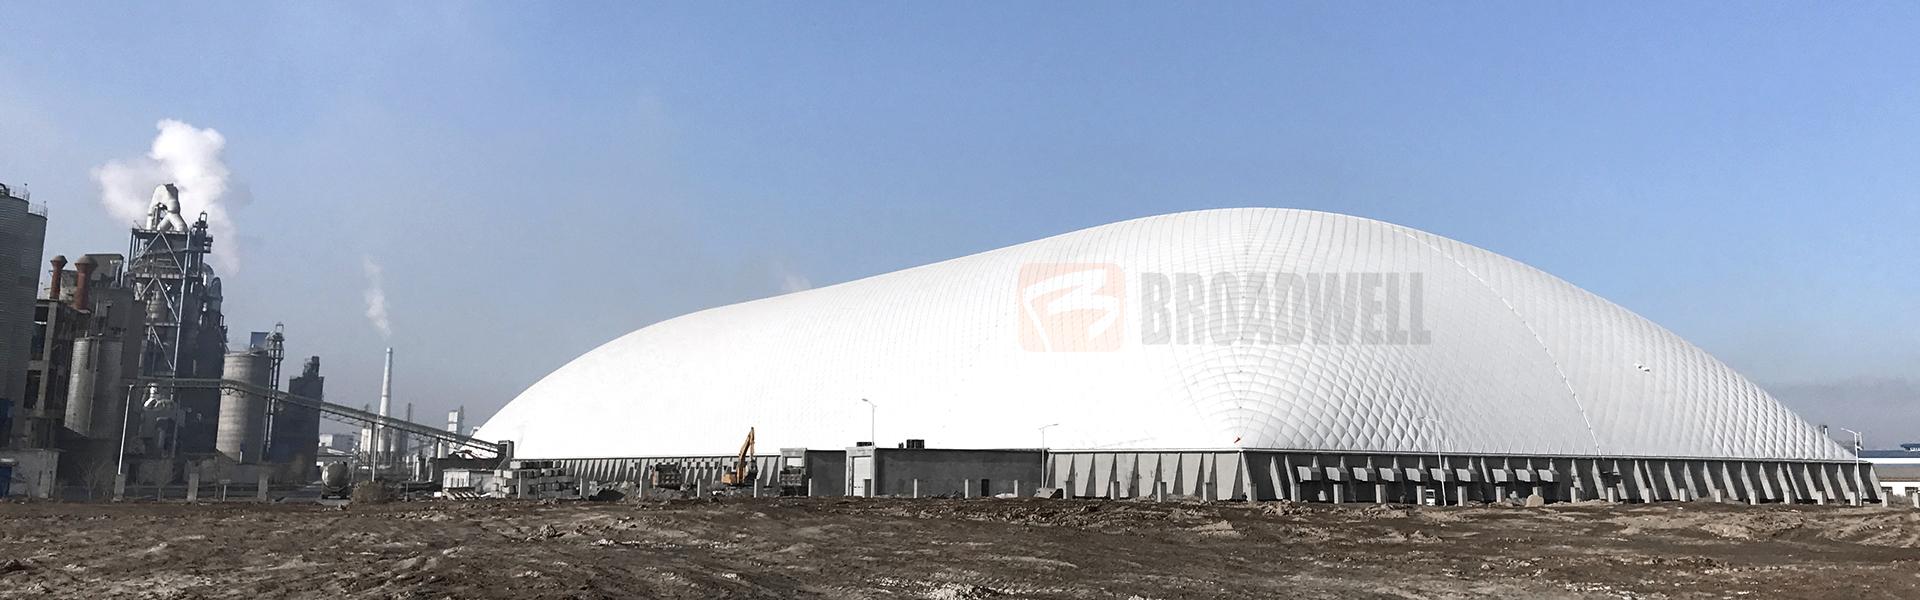 世界最大跨度水泥工业原料充气膜棚——天山股份充气膜水泥原料棚